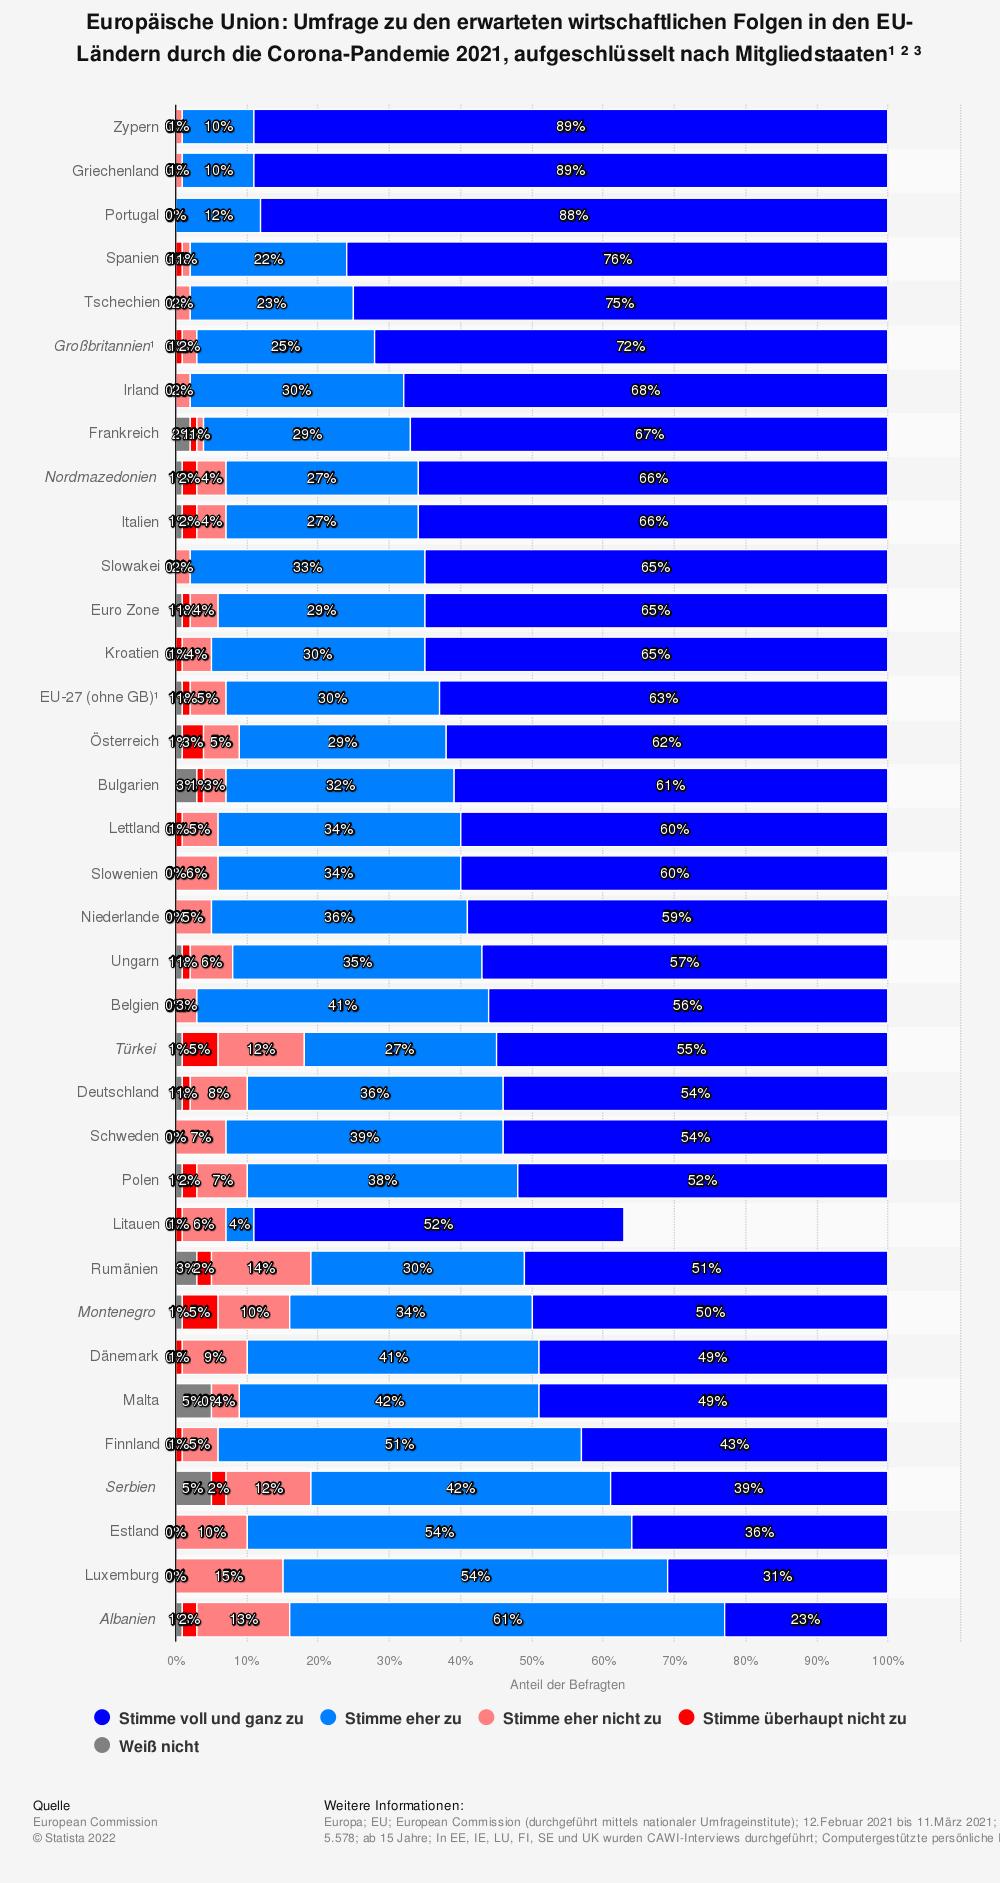 Statistik: Europäische Union: Umfrage zu den erwarteten wirtschaftlichen Folgen in den EU-Ländern durch die Corona-Pandemie 2020, aufgeschlüsselt nach Mitgliedstaaten¹ ² ³ | Statista